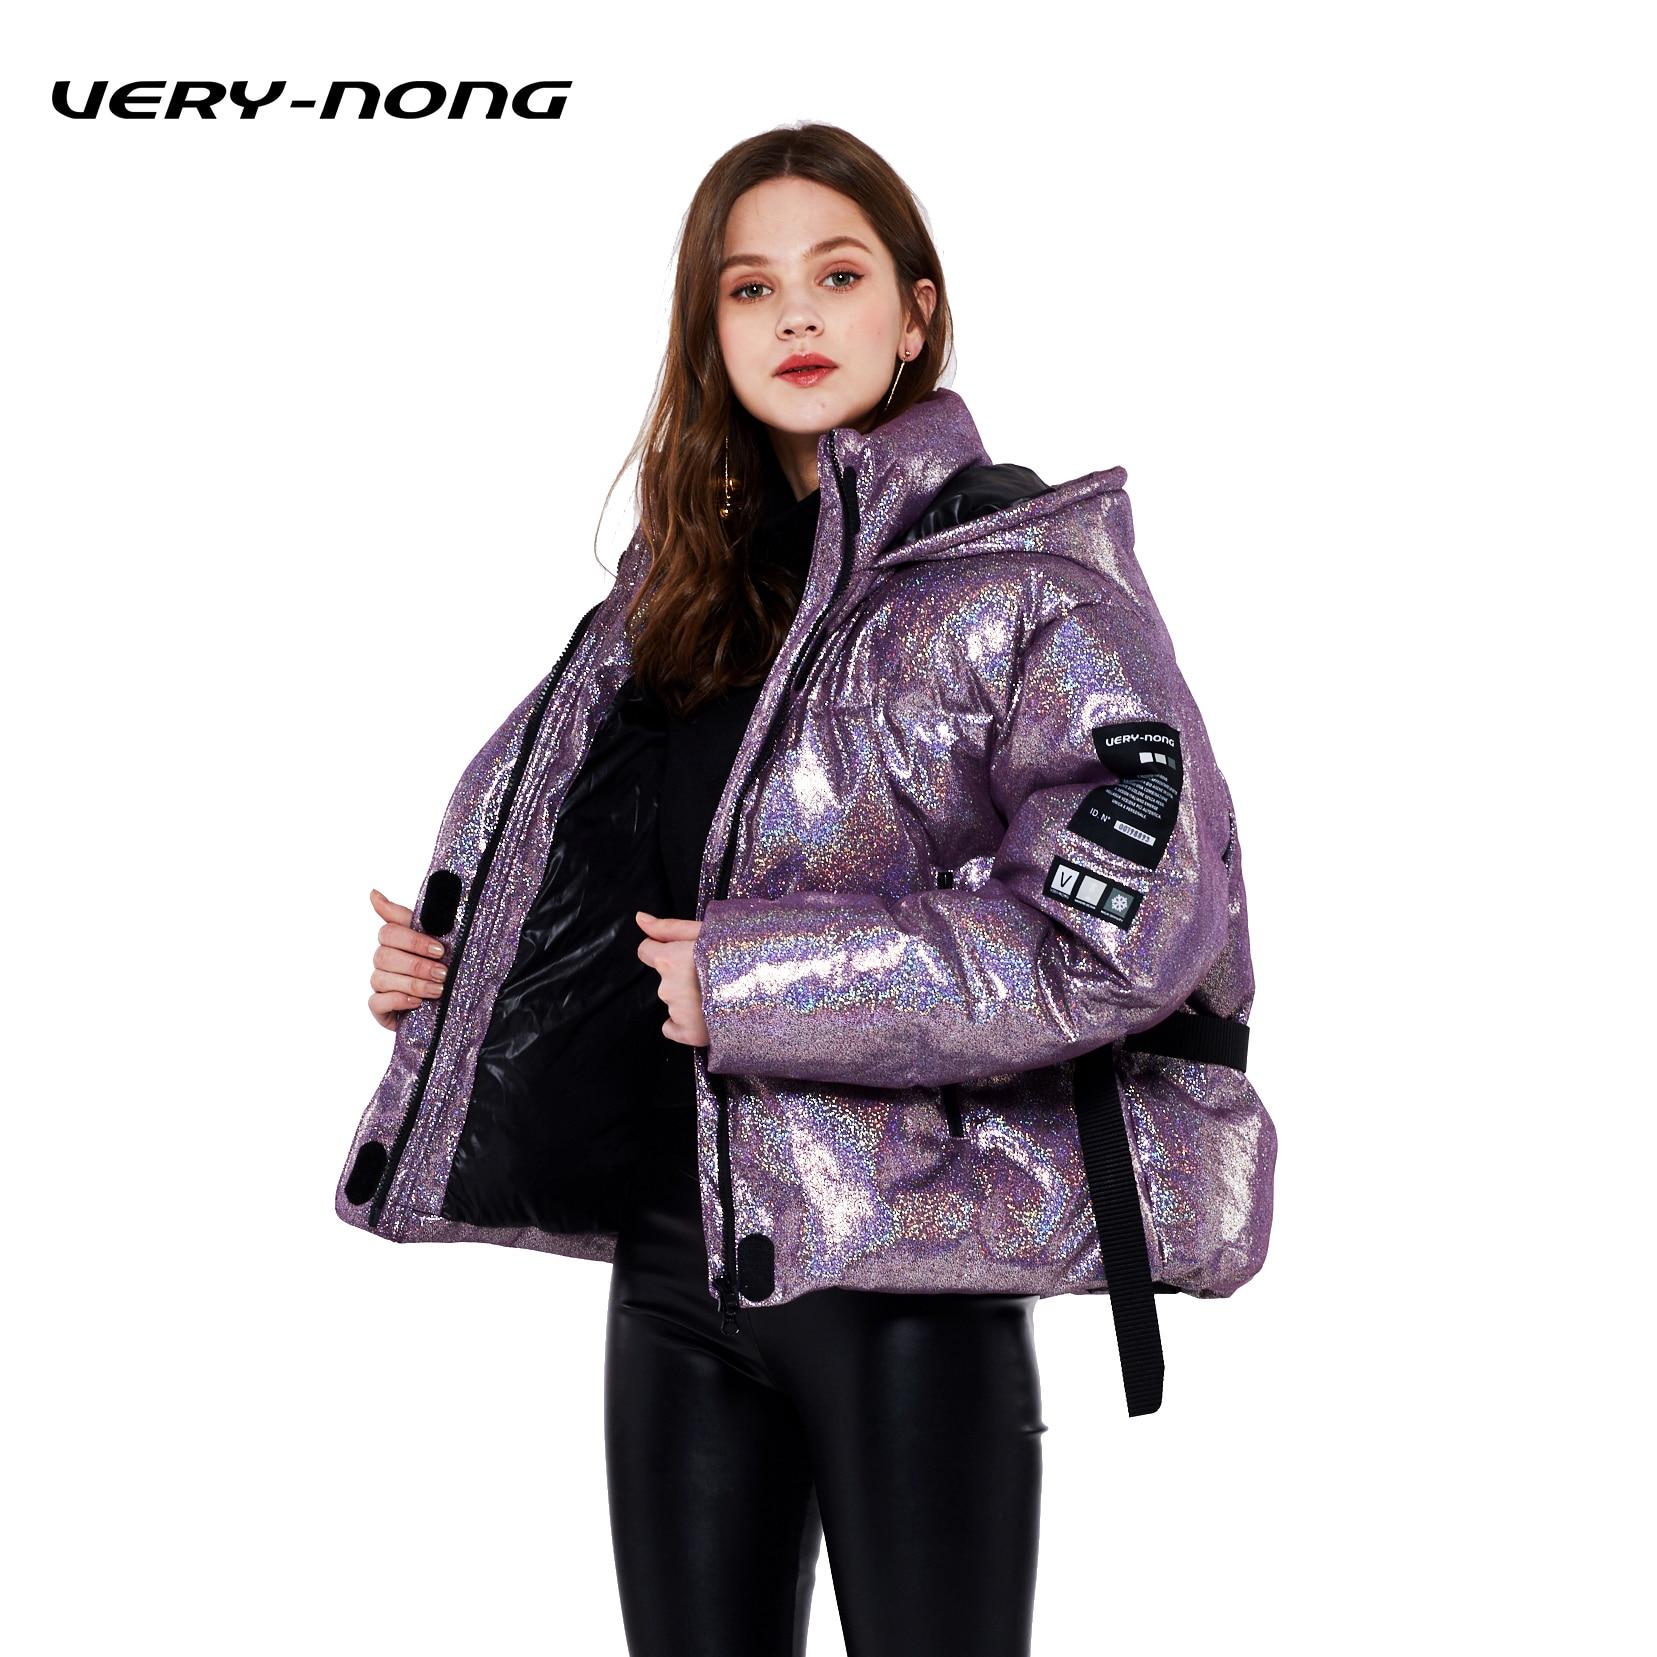 ceinture Épais Doudoune nong Very De Section Blanc Chaud Mode Pourpre 2018 Femmes Couture Brillant 90Canard OPkiXTwZu